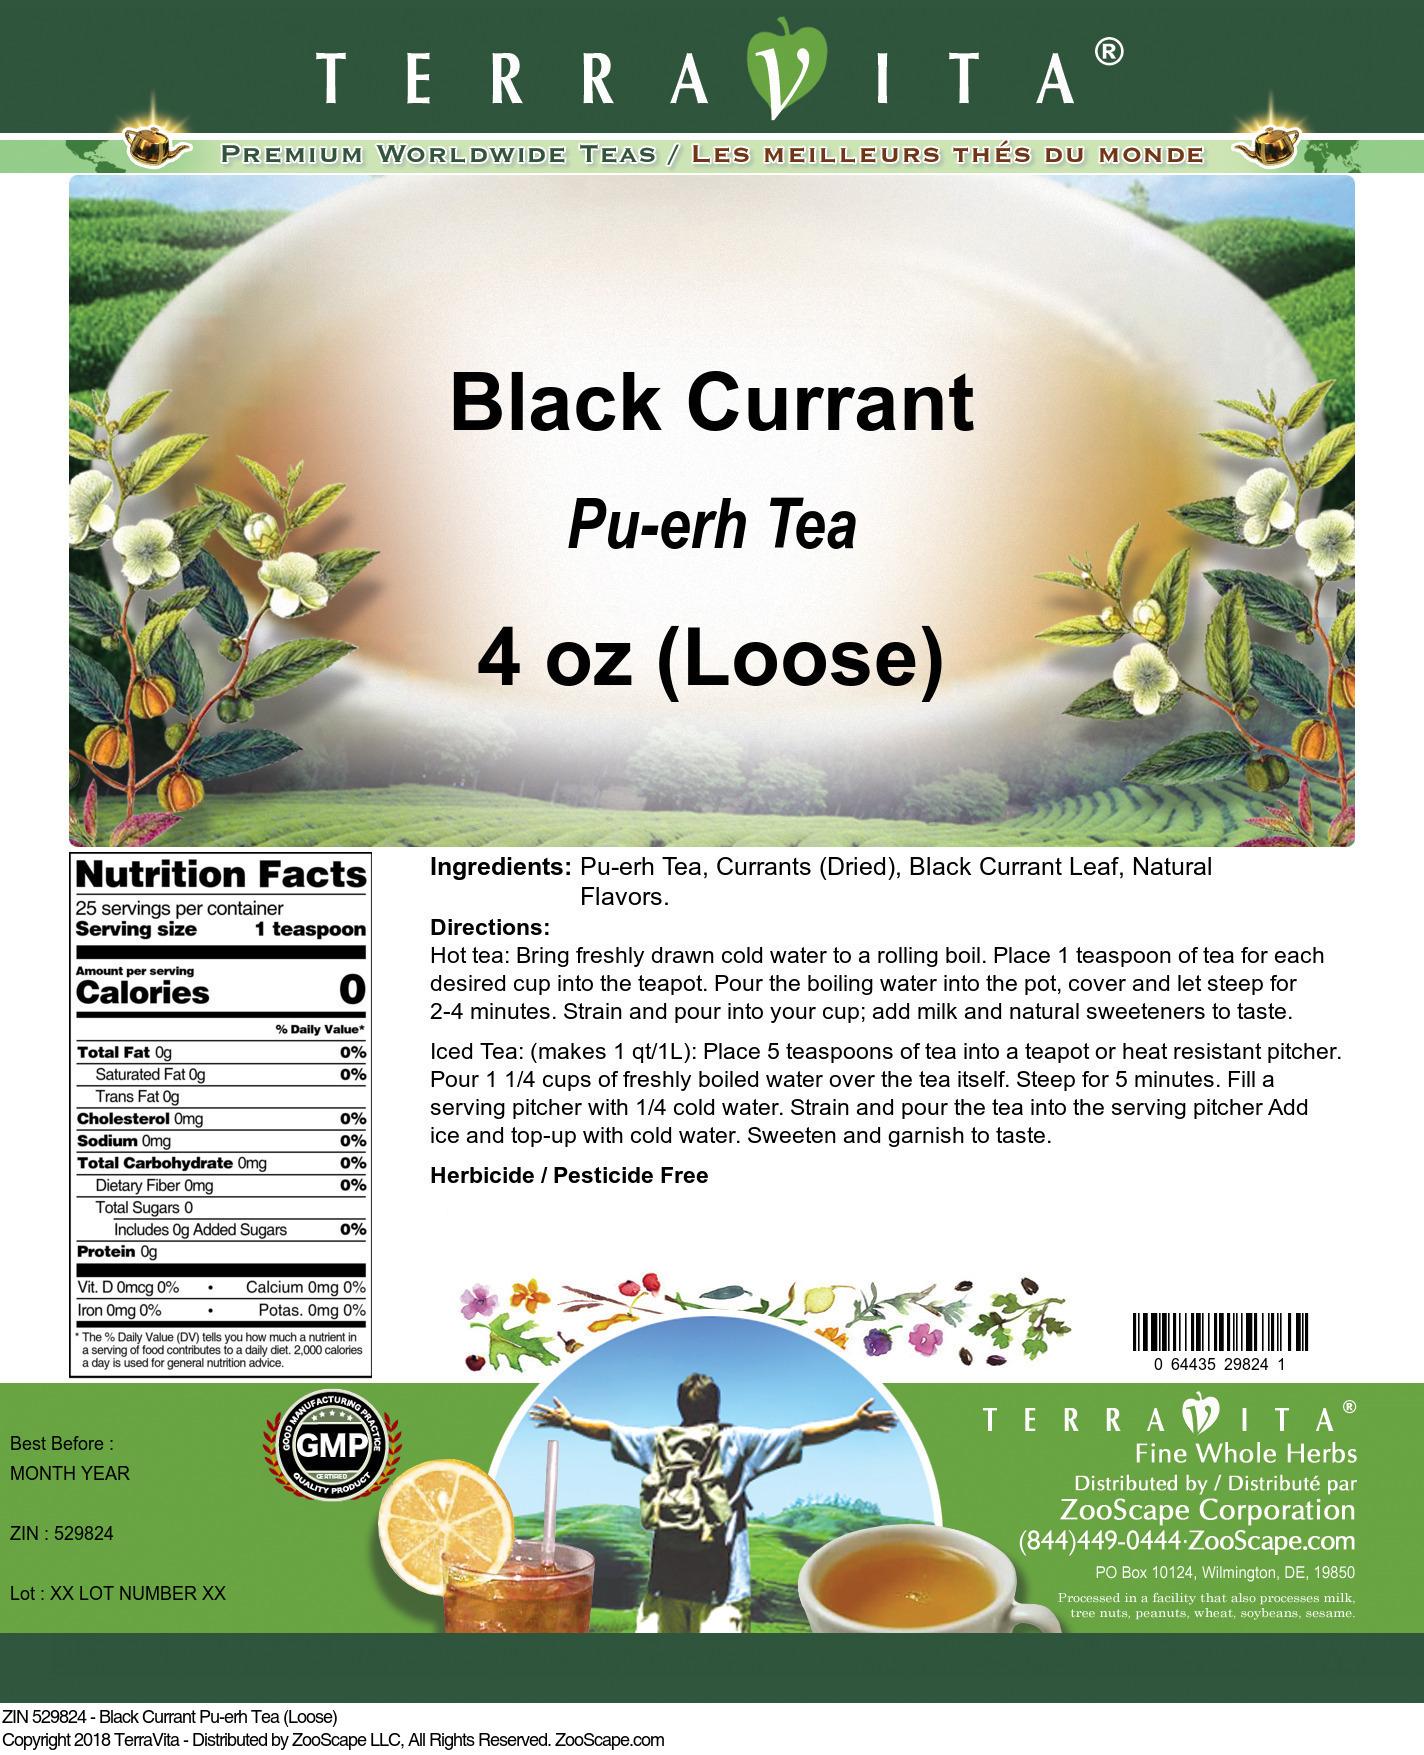 Black Currant Pu-erh Tea (Loose)